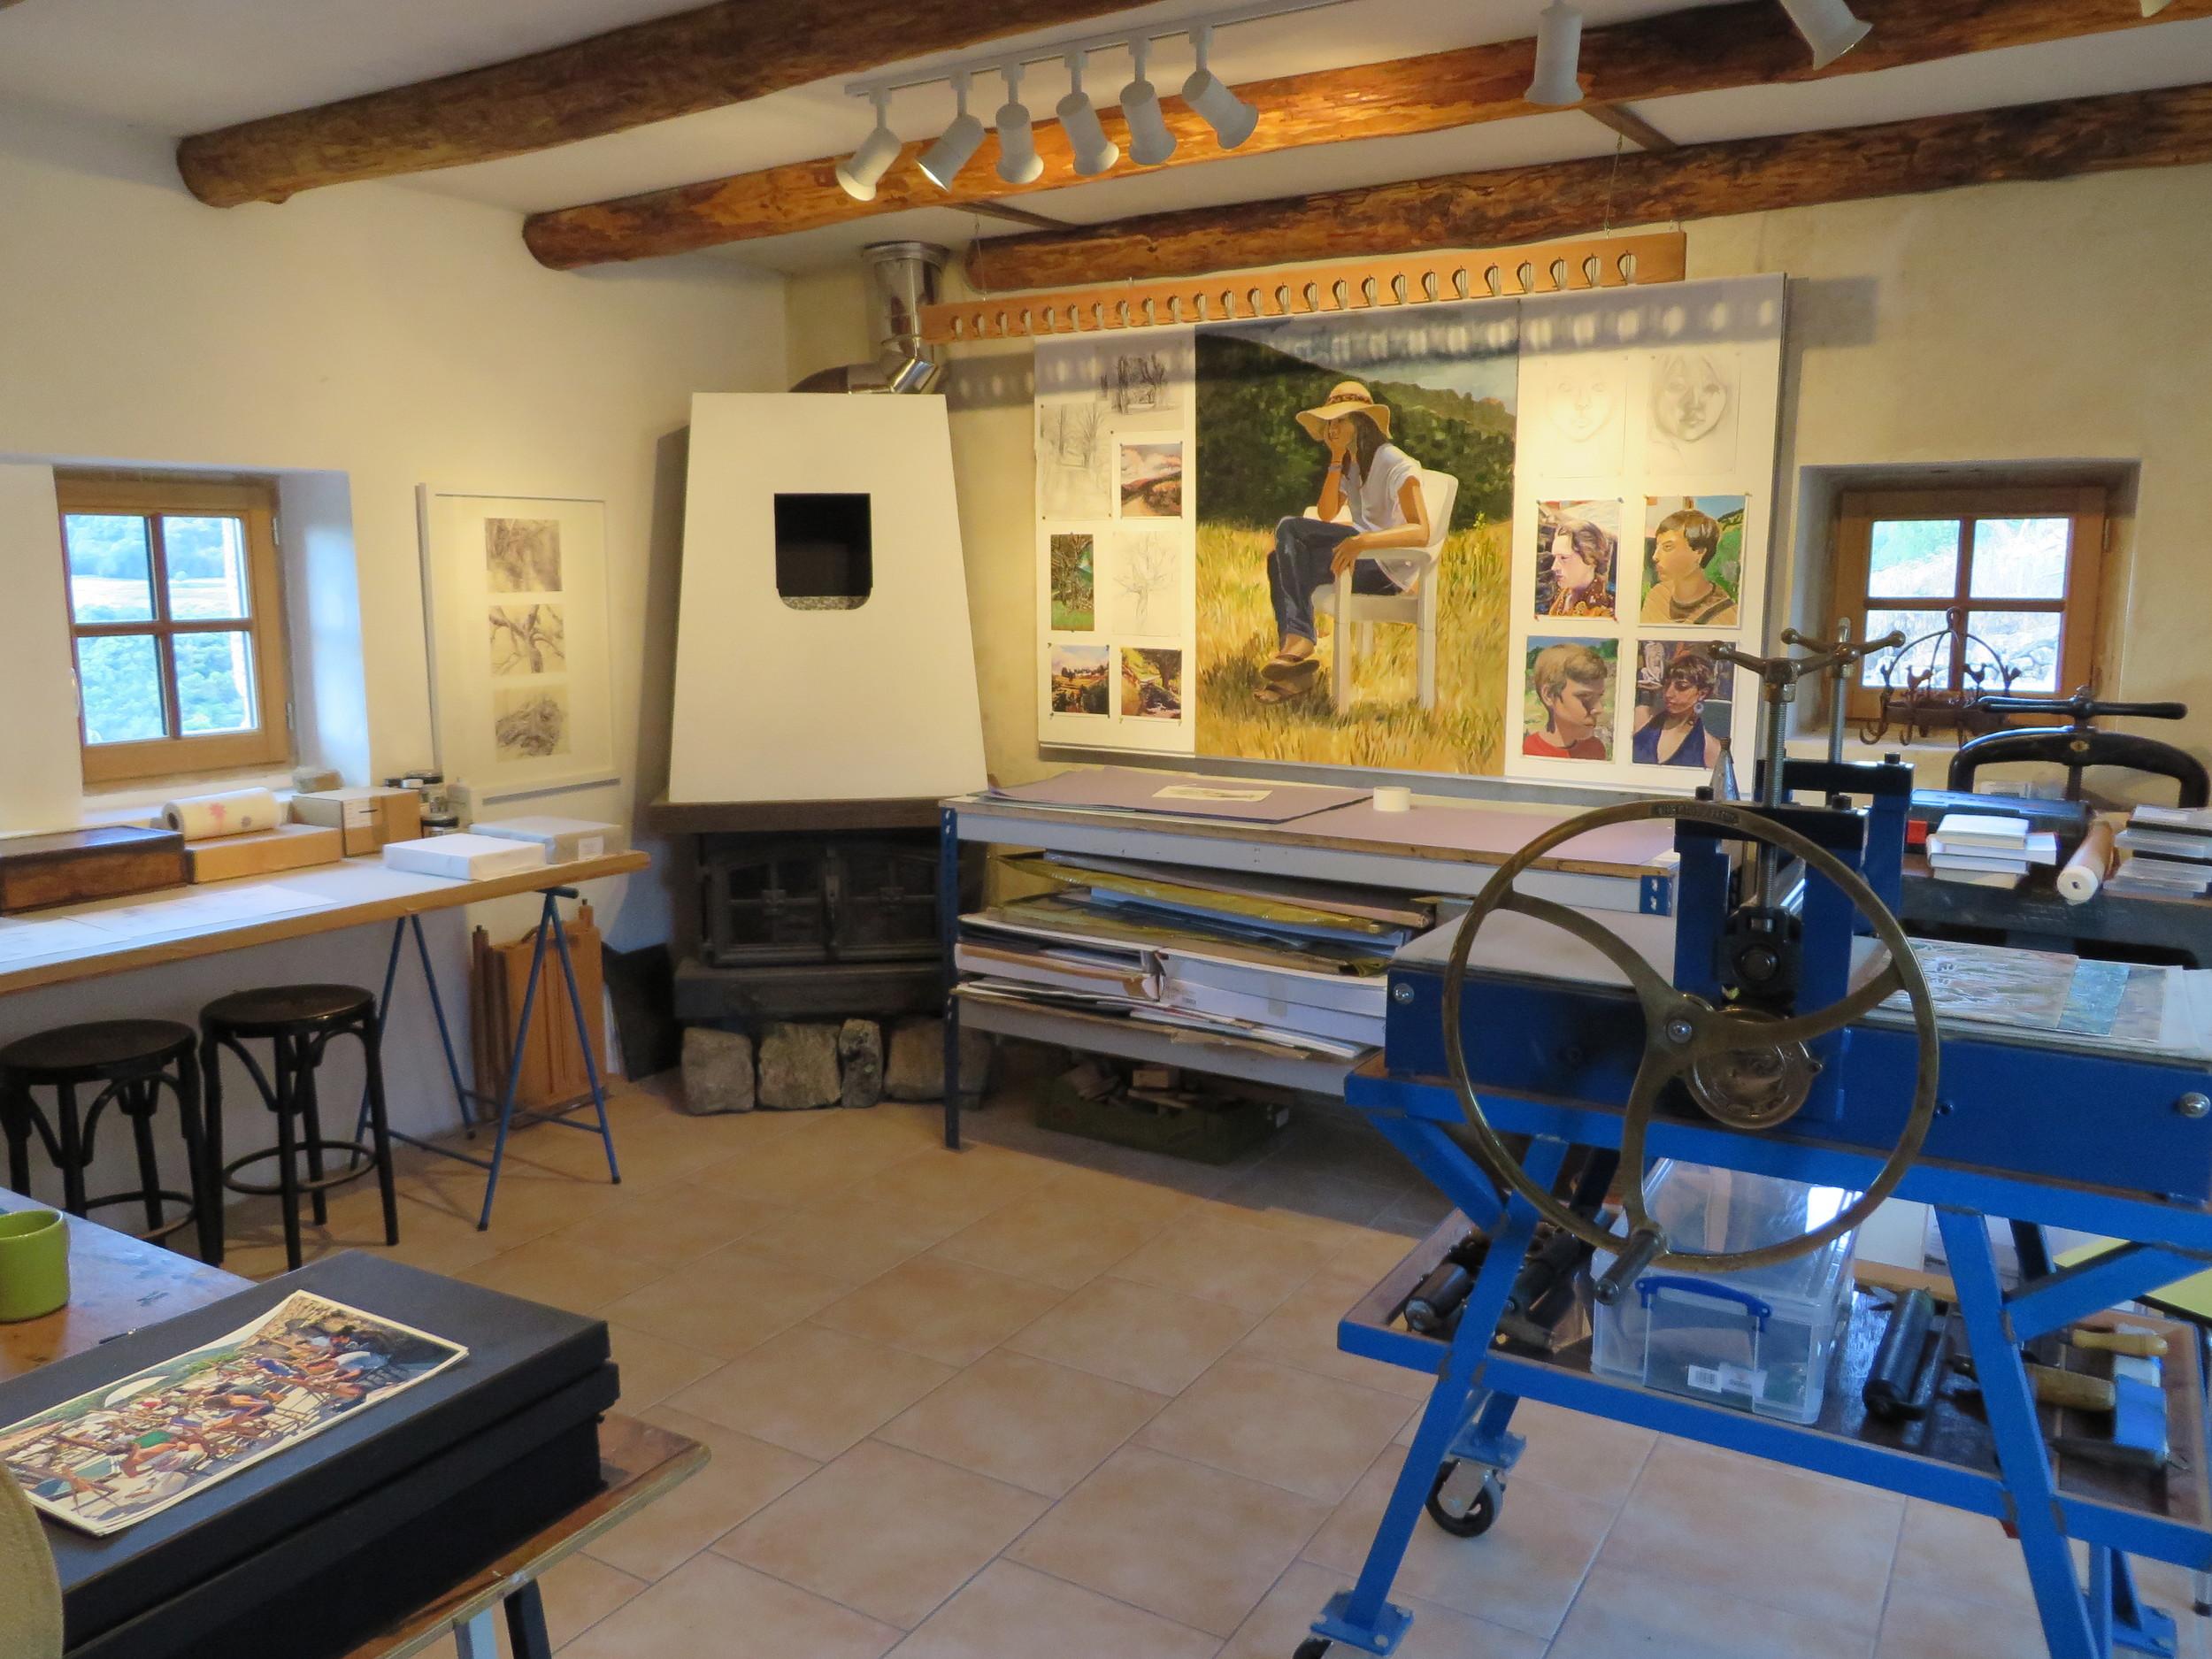 printmaking studio and printing presses at les tapies